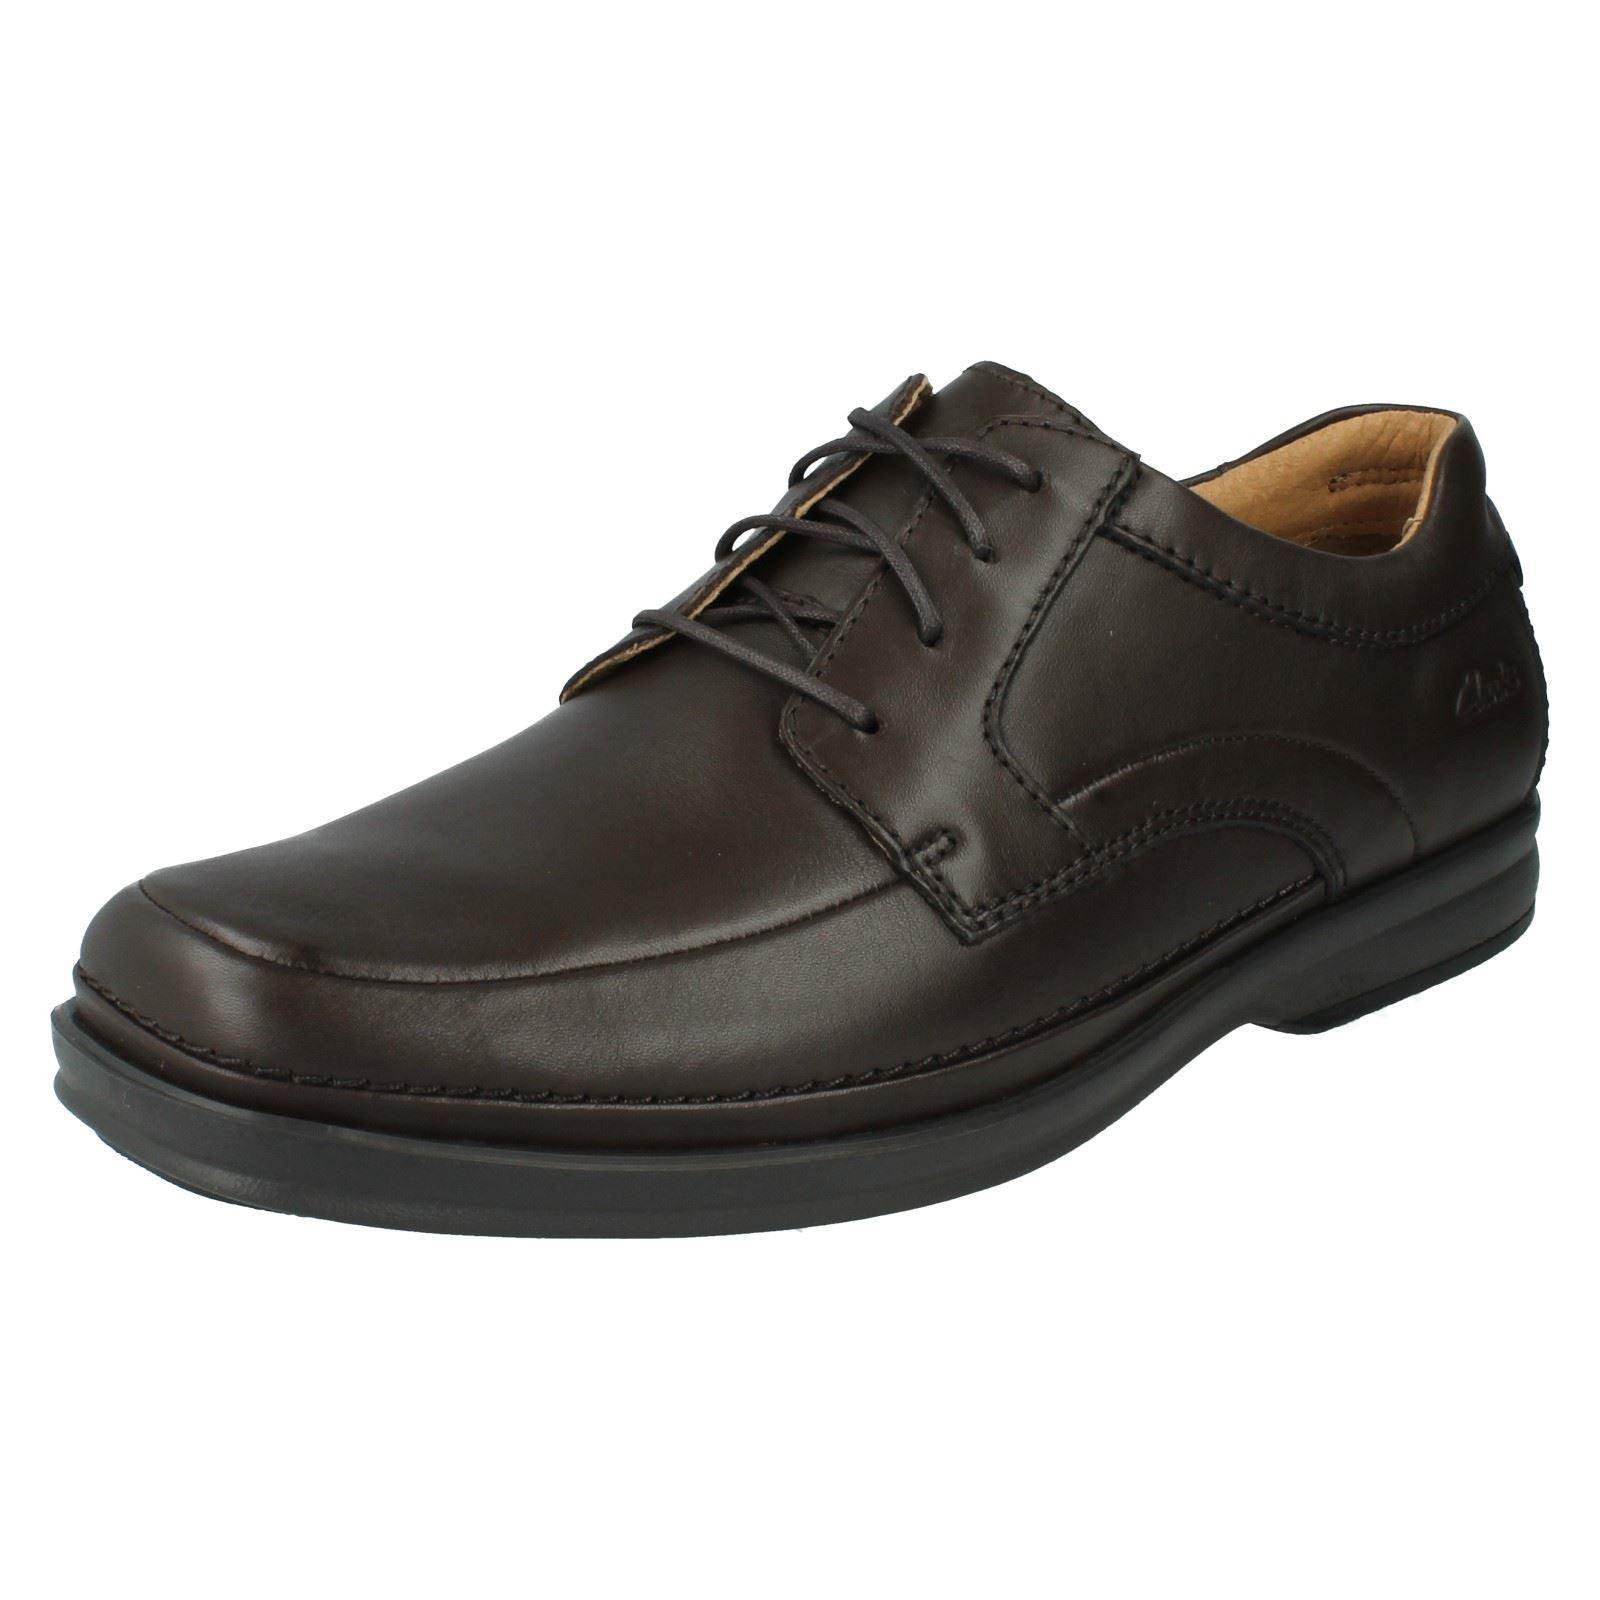 Men's Clarks Casual Shoes Scopic Label - Scopic Shoes Way d4565c